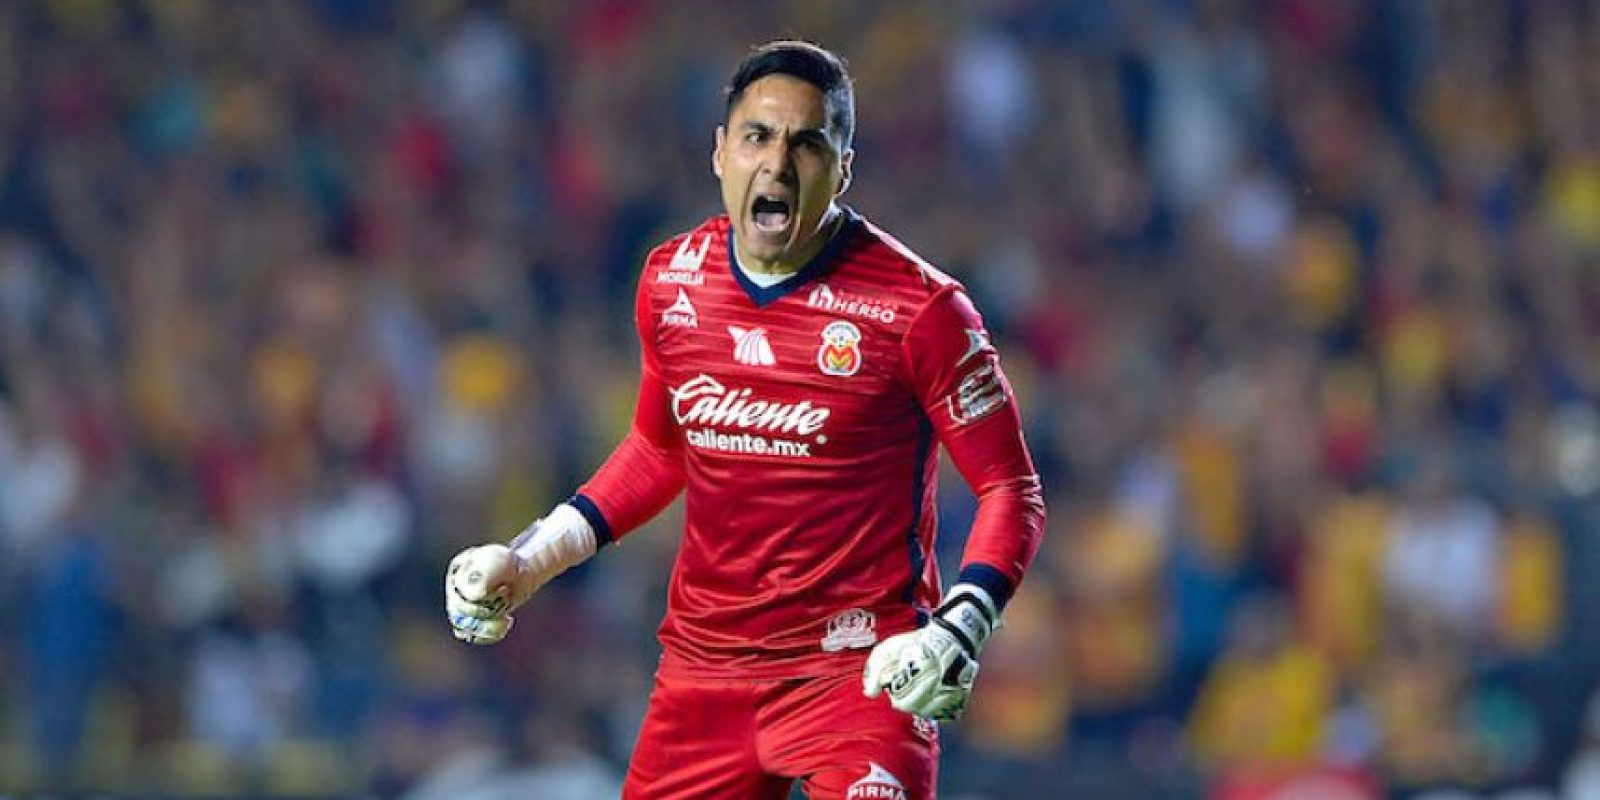 Morelia vence a Pachuca, se salva del descenso y quiere liguilla Foto:Mexsport